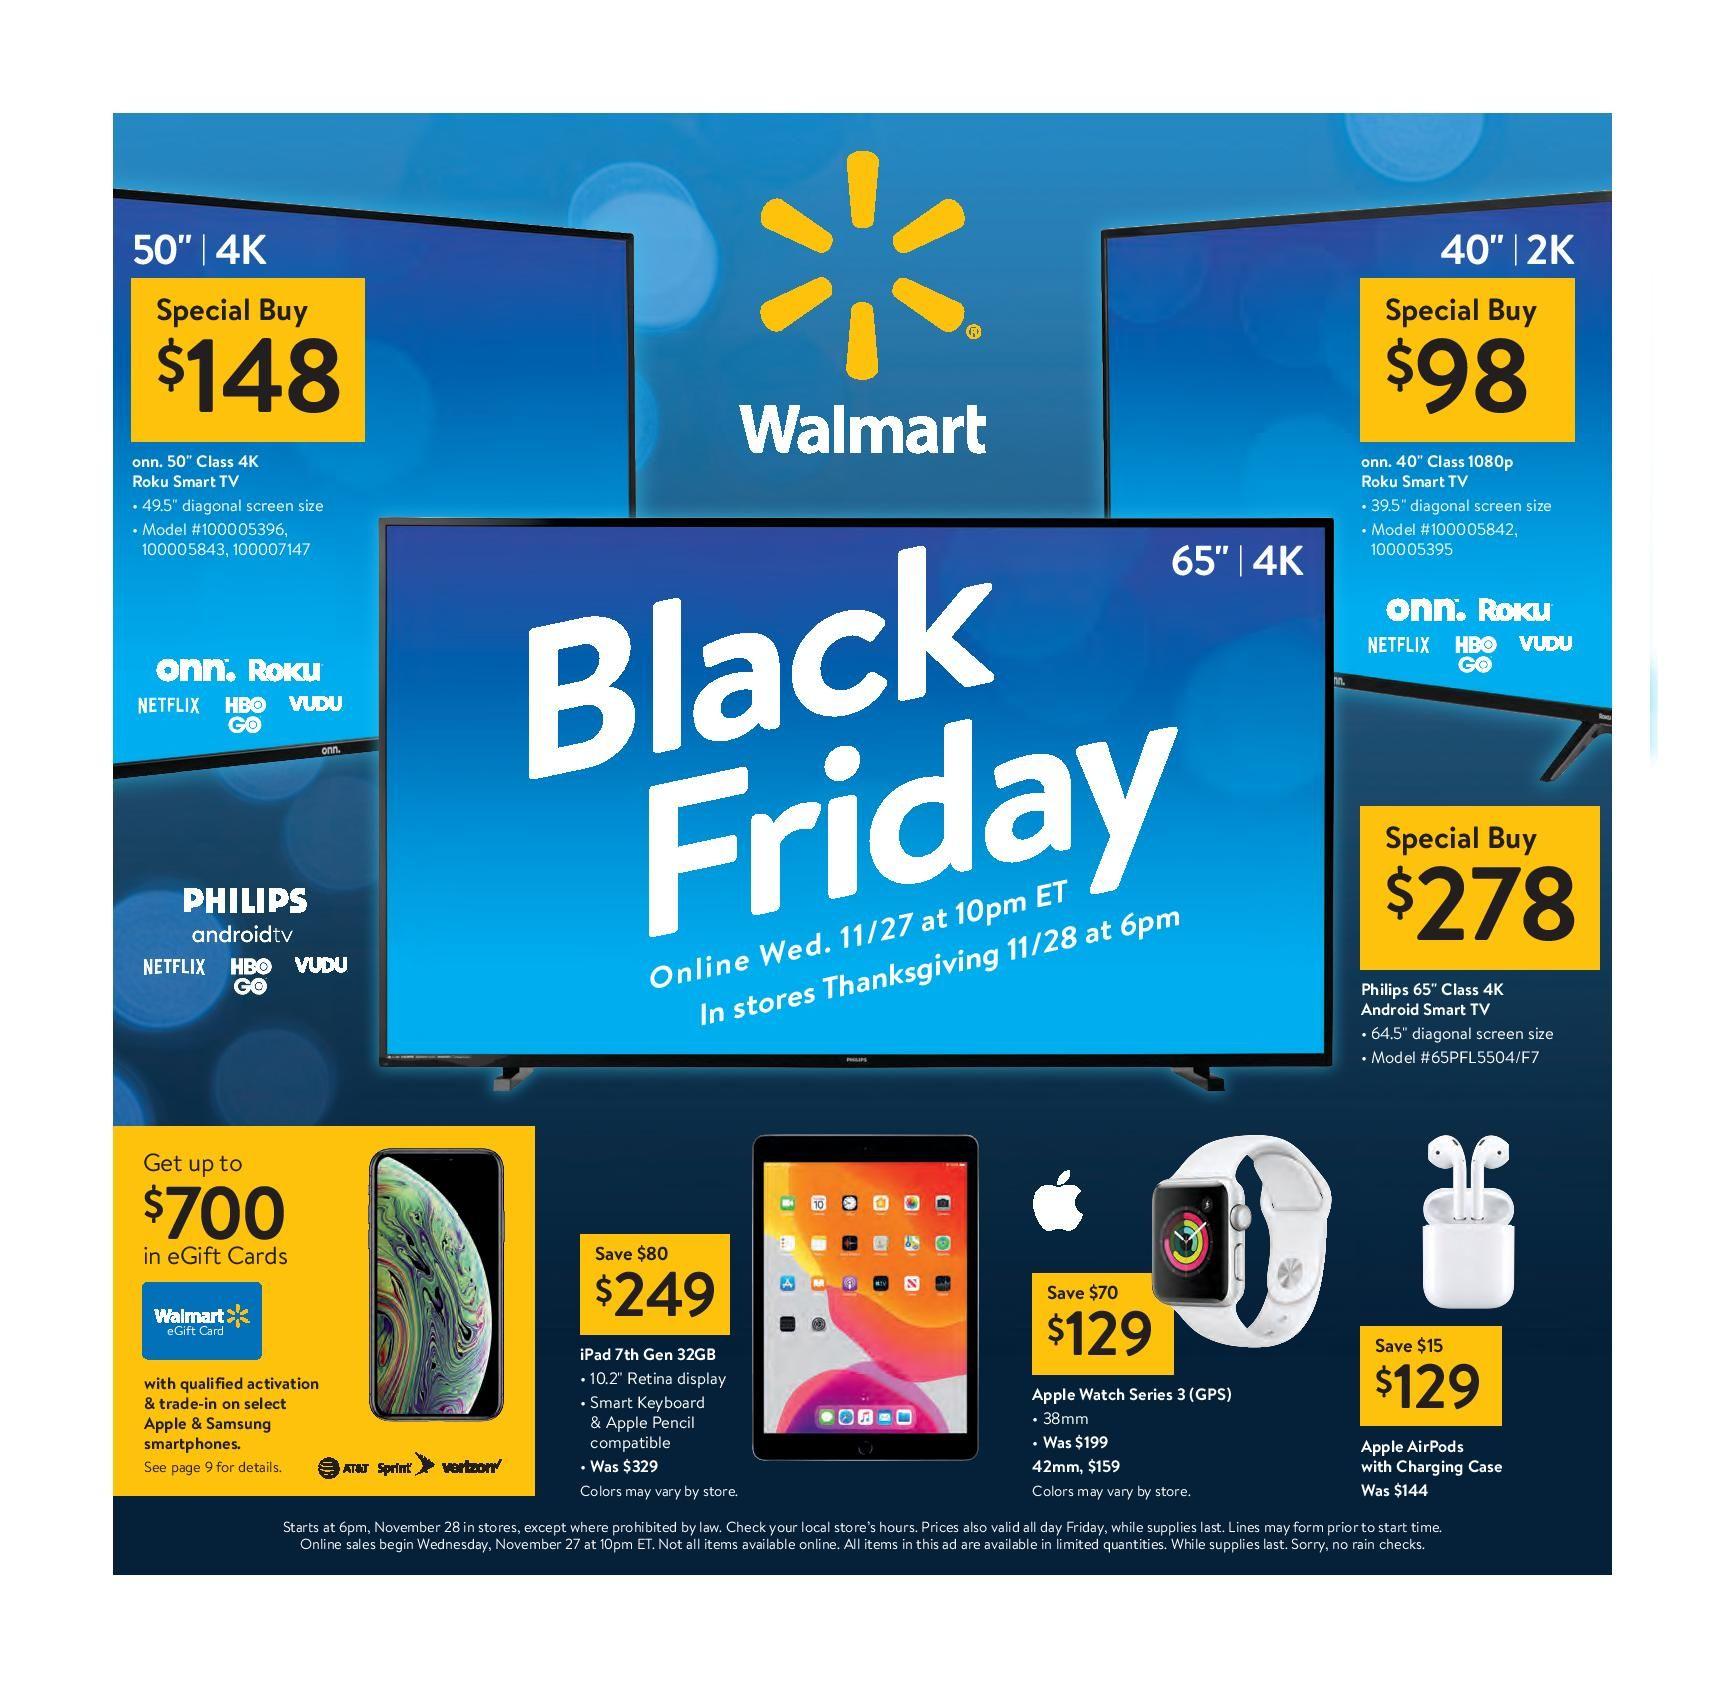 Walmart Black Friday 2019 Ad, Deals & Sales